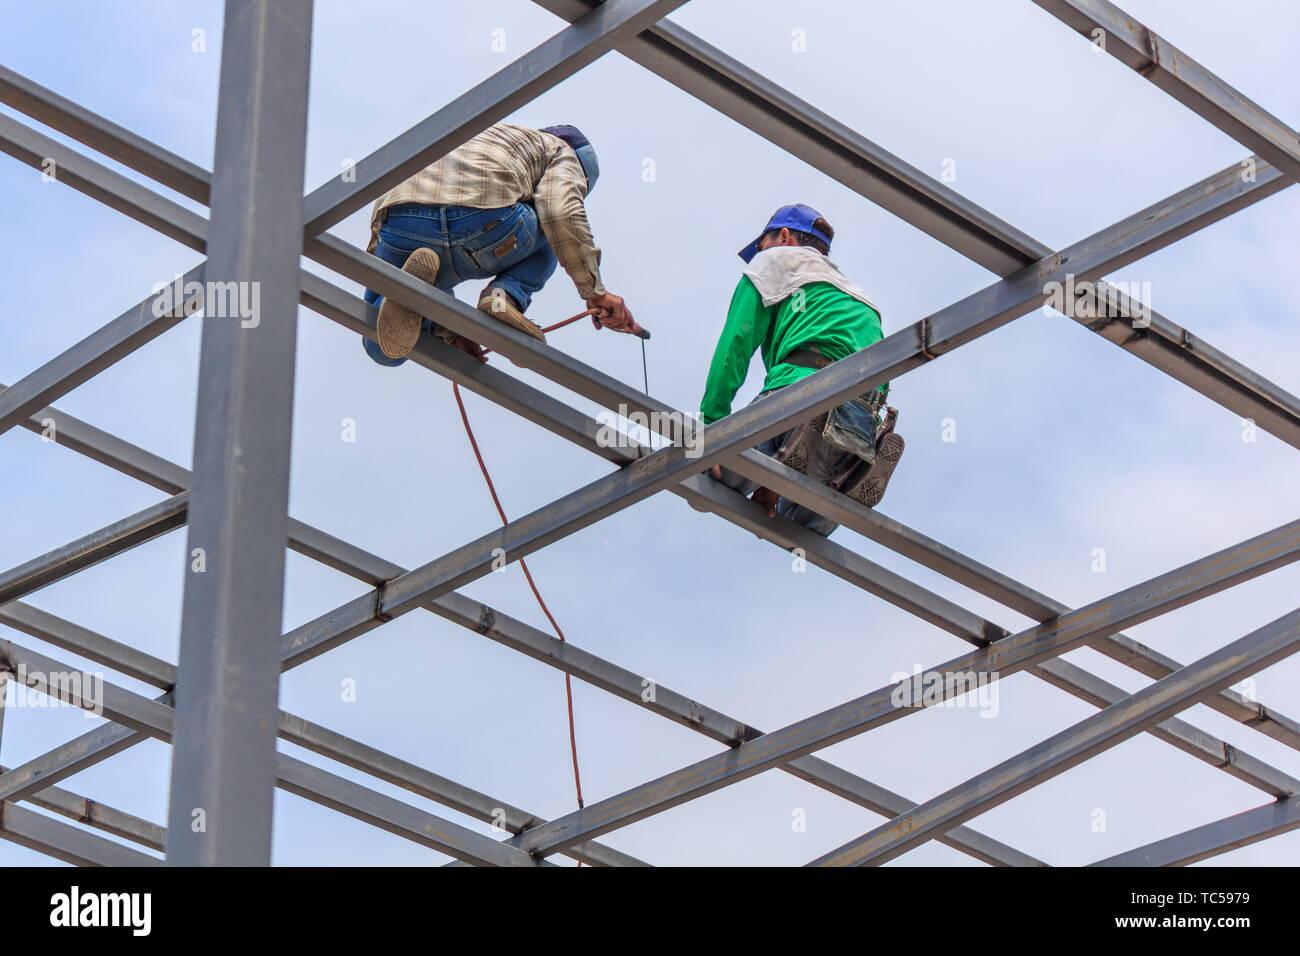 Stick Welder Work Stock Photos & Stick Welder Work Stock